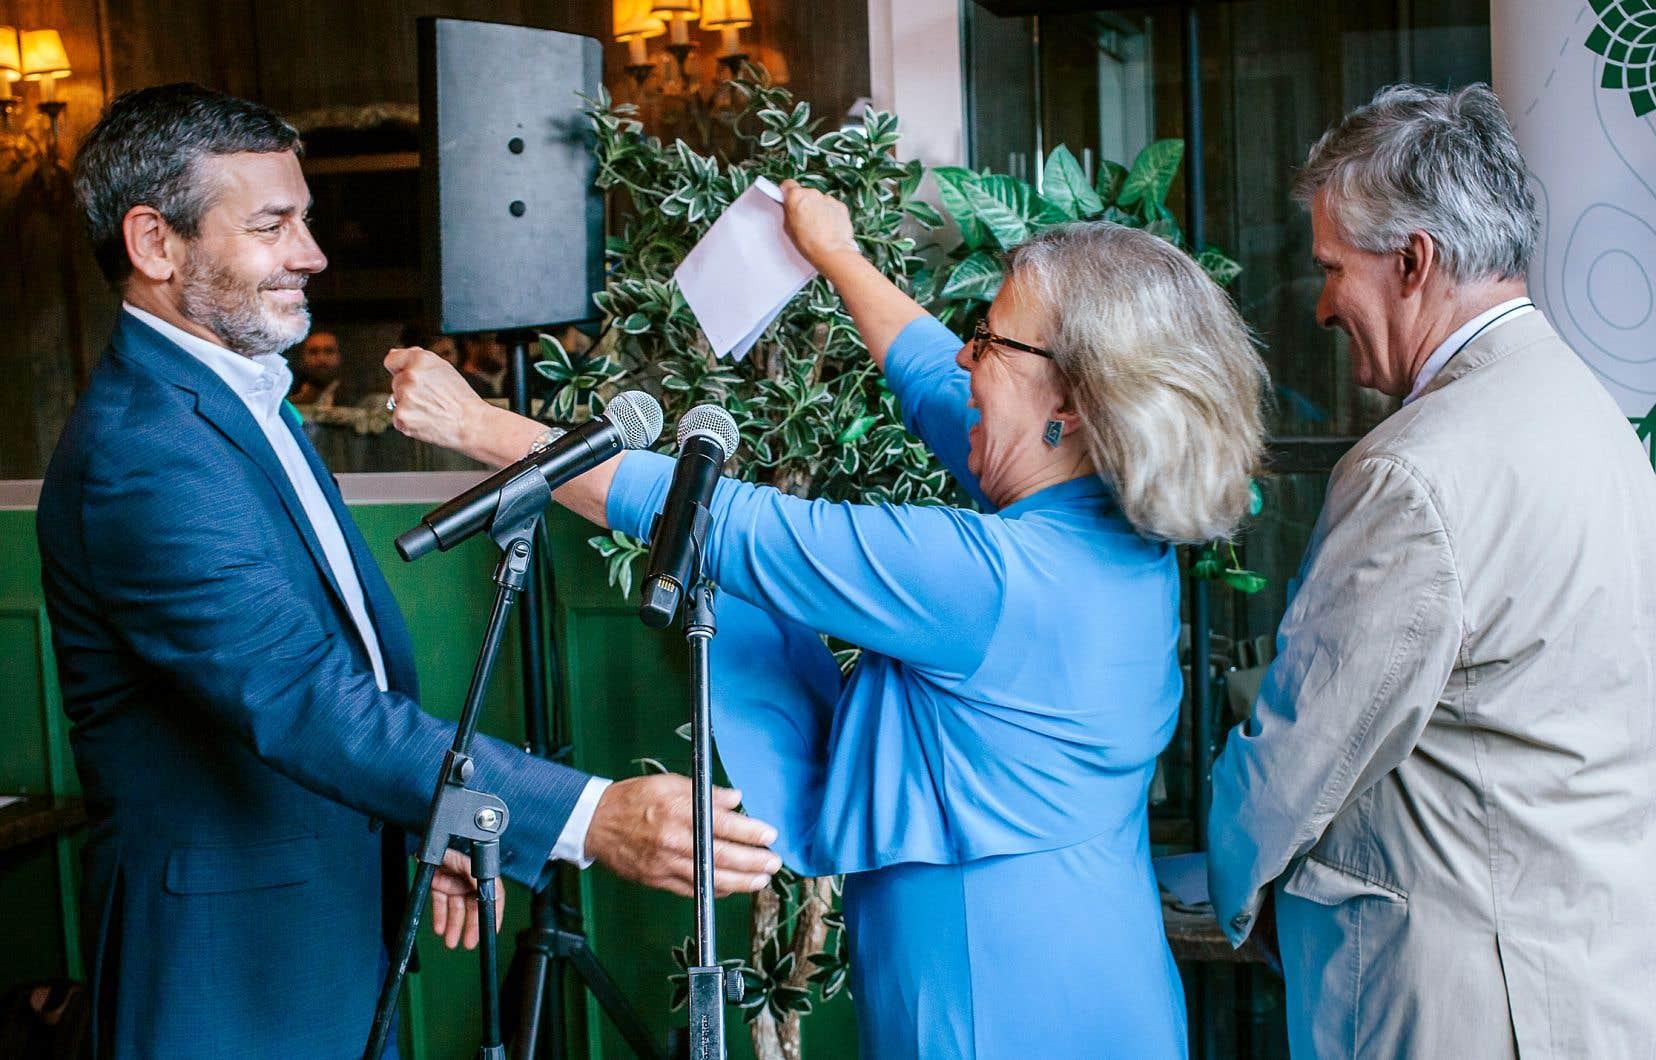 Accompagné de la chef Elizabeth May, Pierre Nantel a confirmé lundi qu'il portera les couleurs du Parti vert et se présentera dans Longueuil–Saint-Hubert.